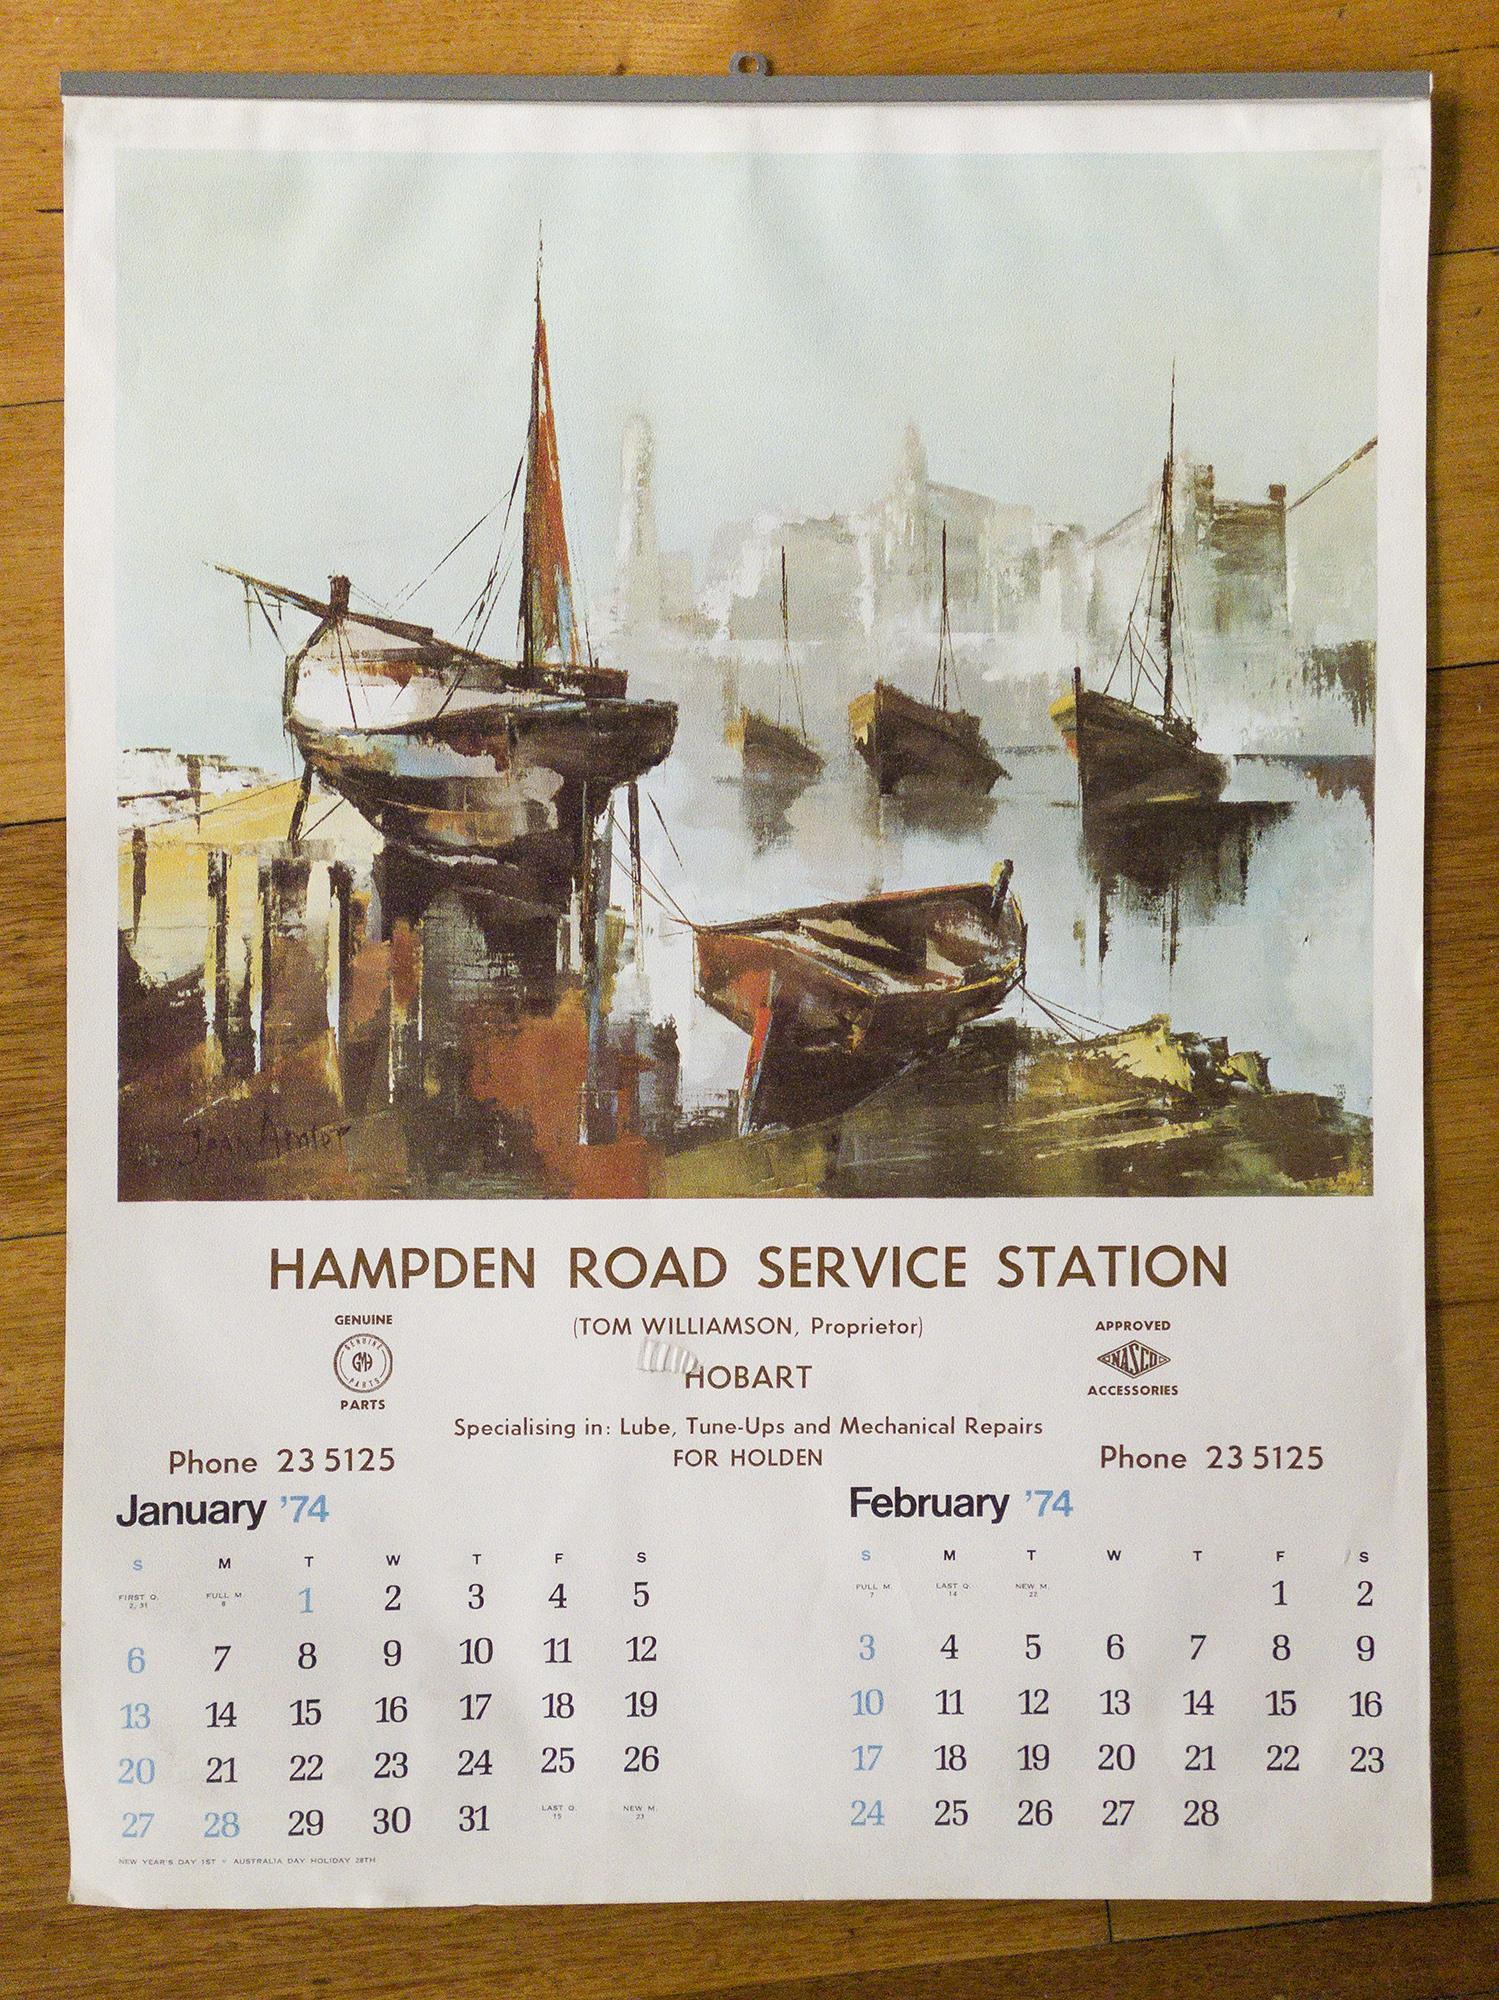 Early calendar